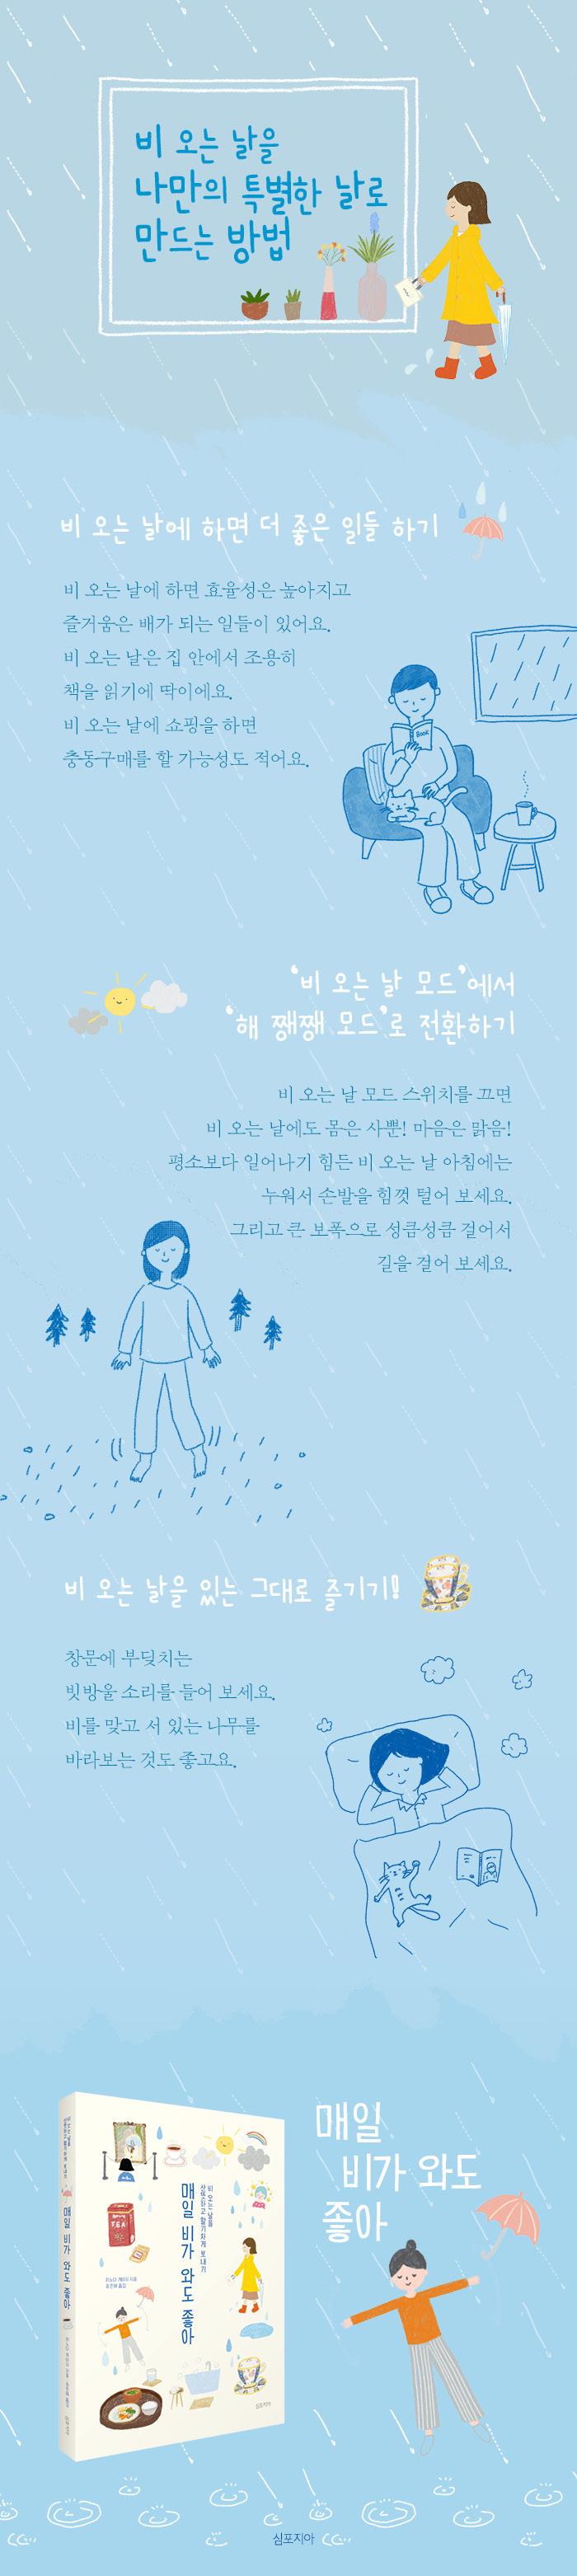 매일 비가와도 좋아_상세이미지_시안수정.jpg